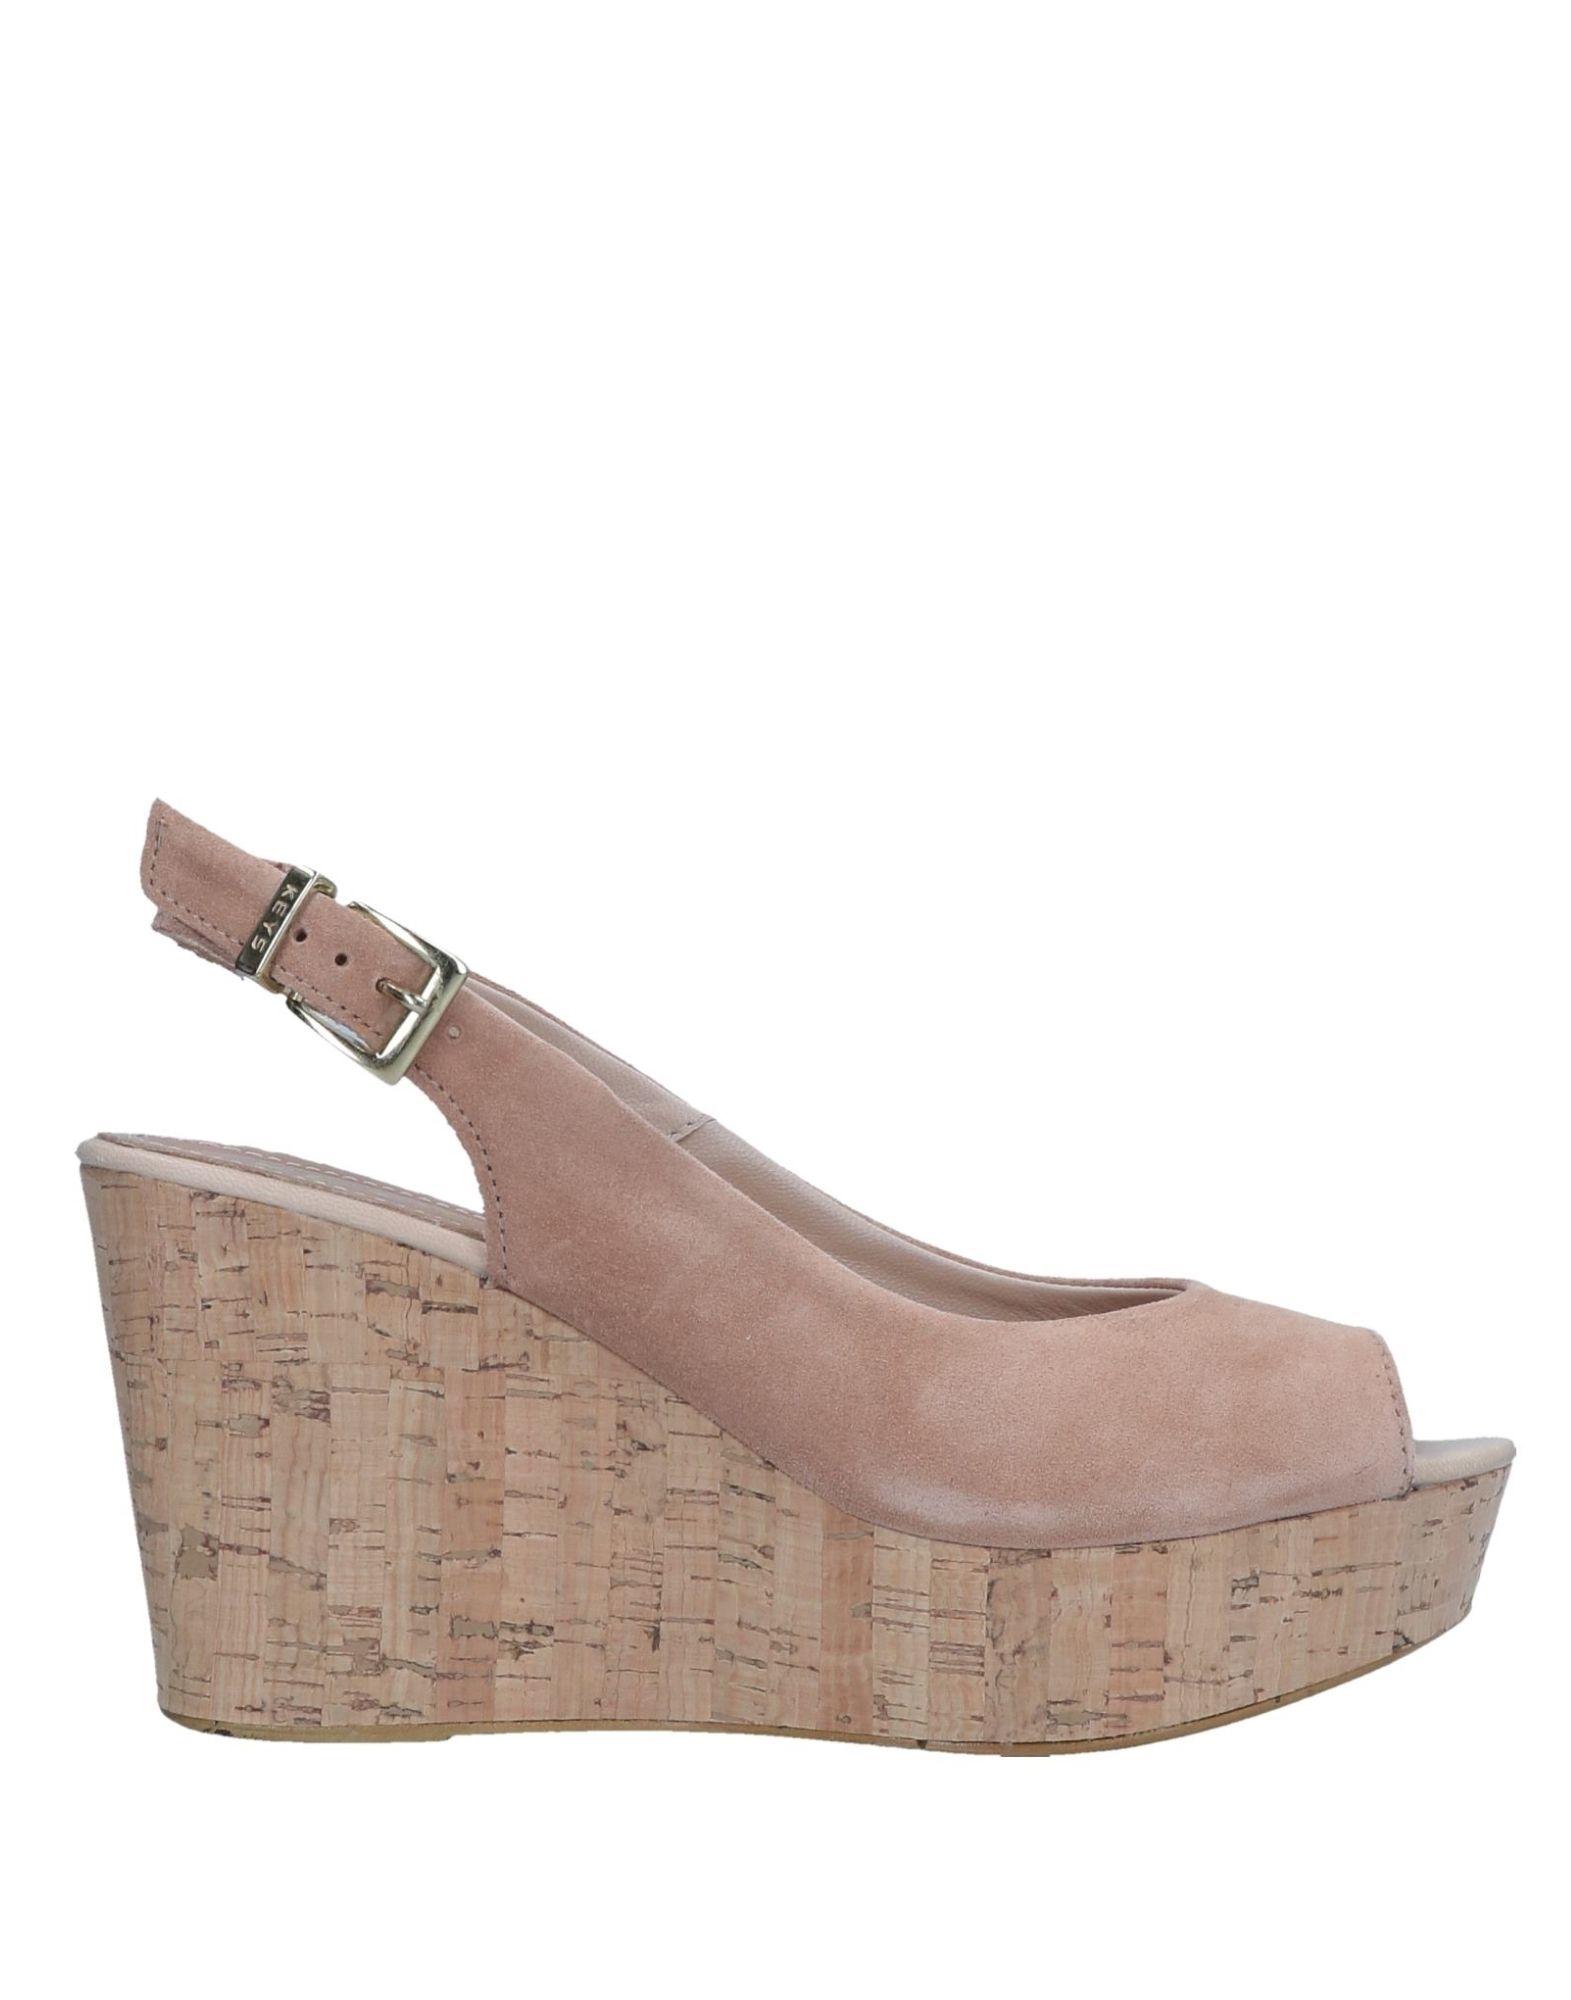 Günstige und modische Schuhe Keys Sandalen Damen  11549317FH